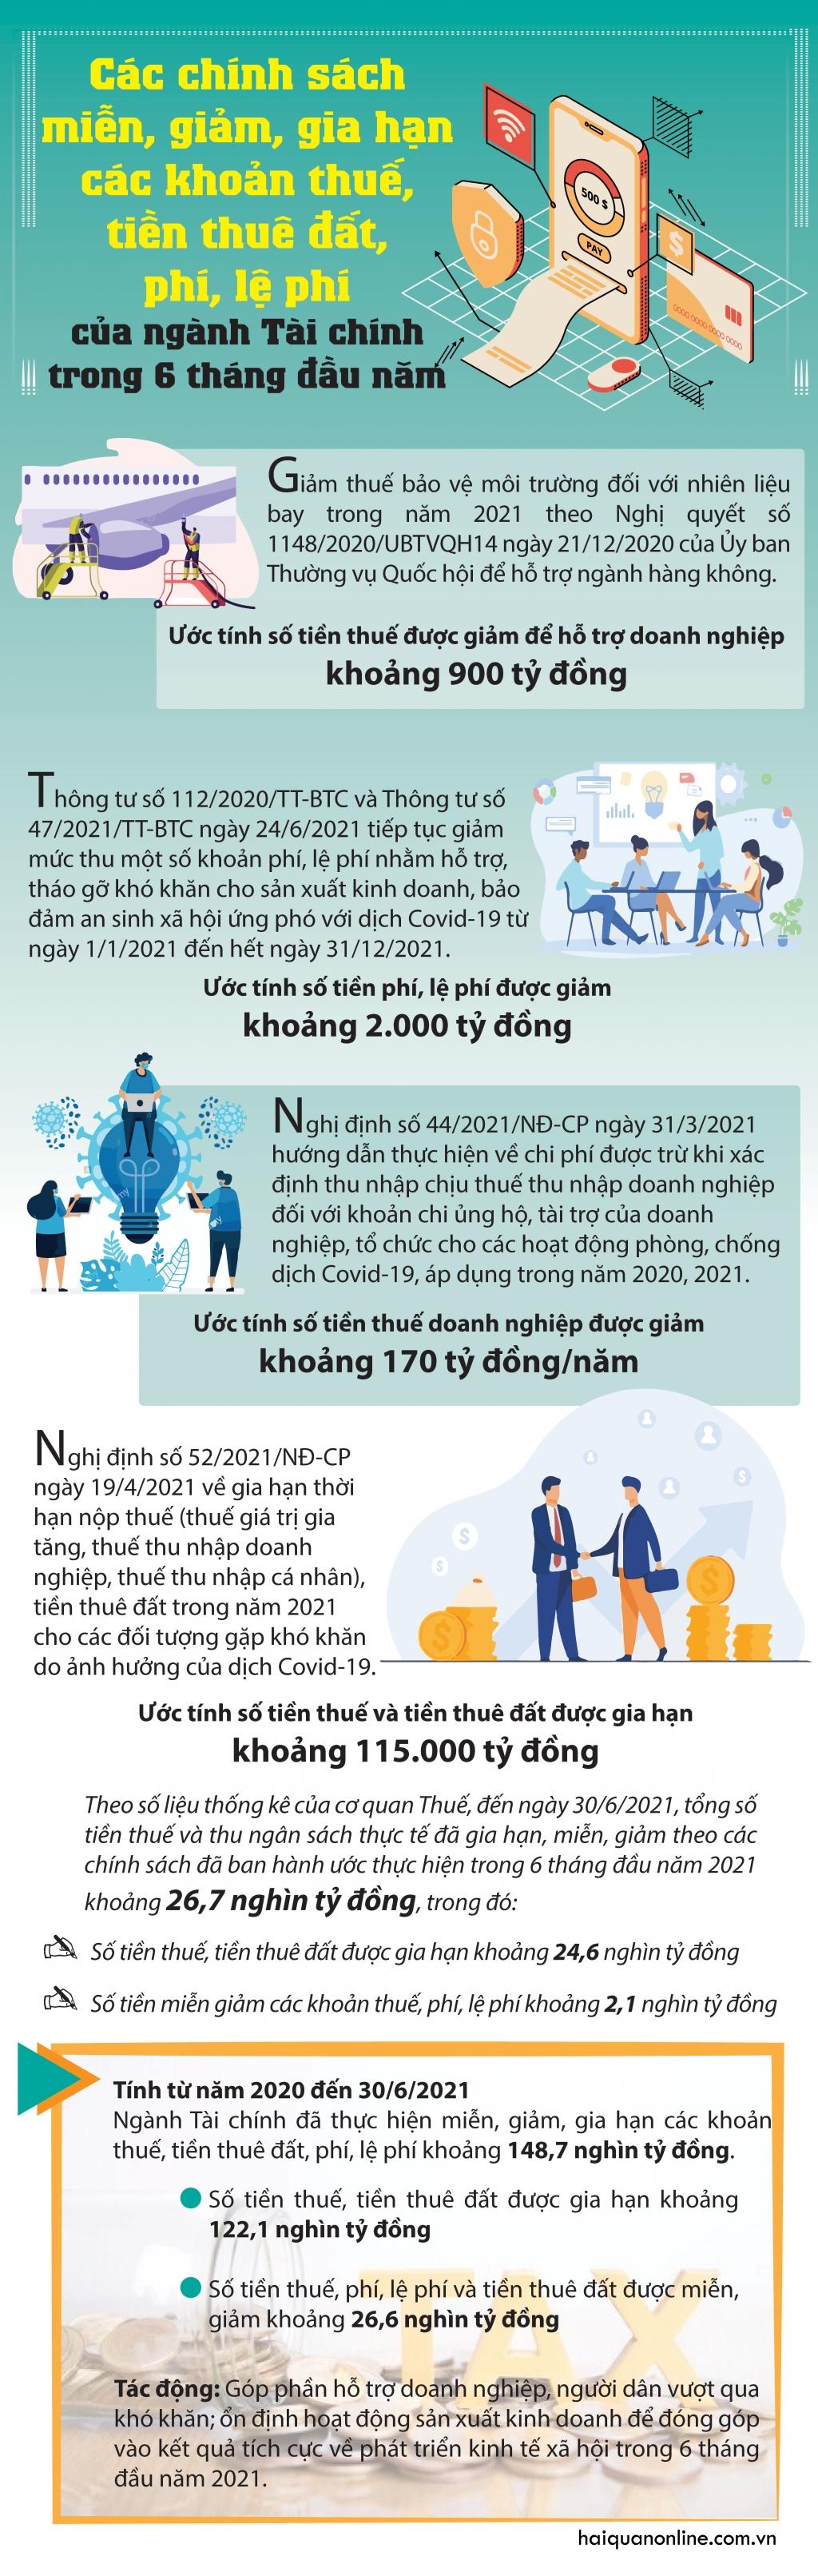 Infographics: Các chính sách miễn, giảm, gia hạn các khoản thuế, tiền thuê đất, phí, lệ phí từ đầu năm 2021